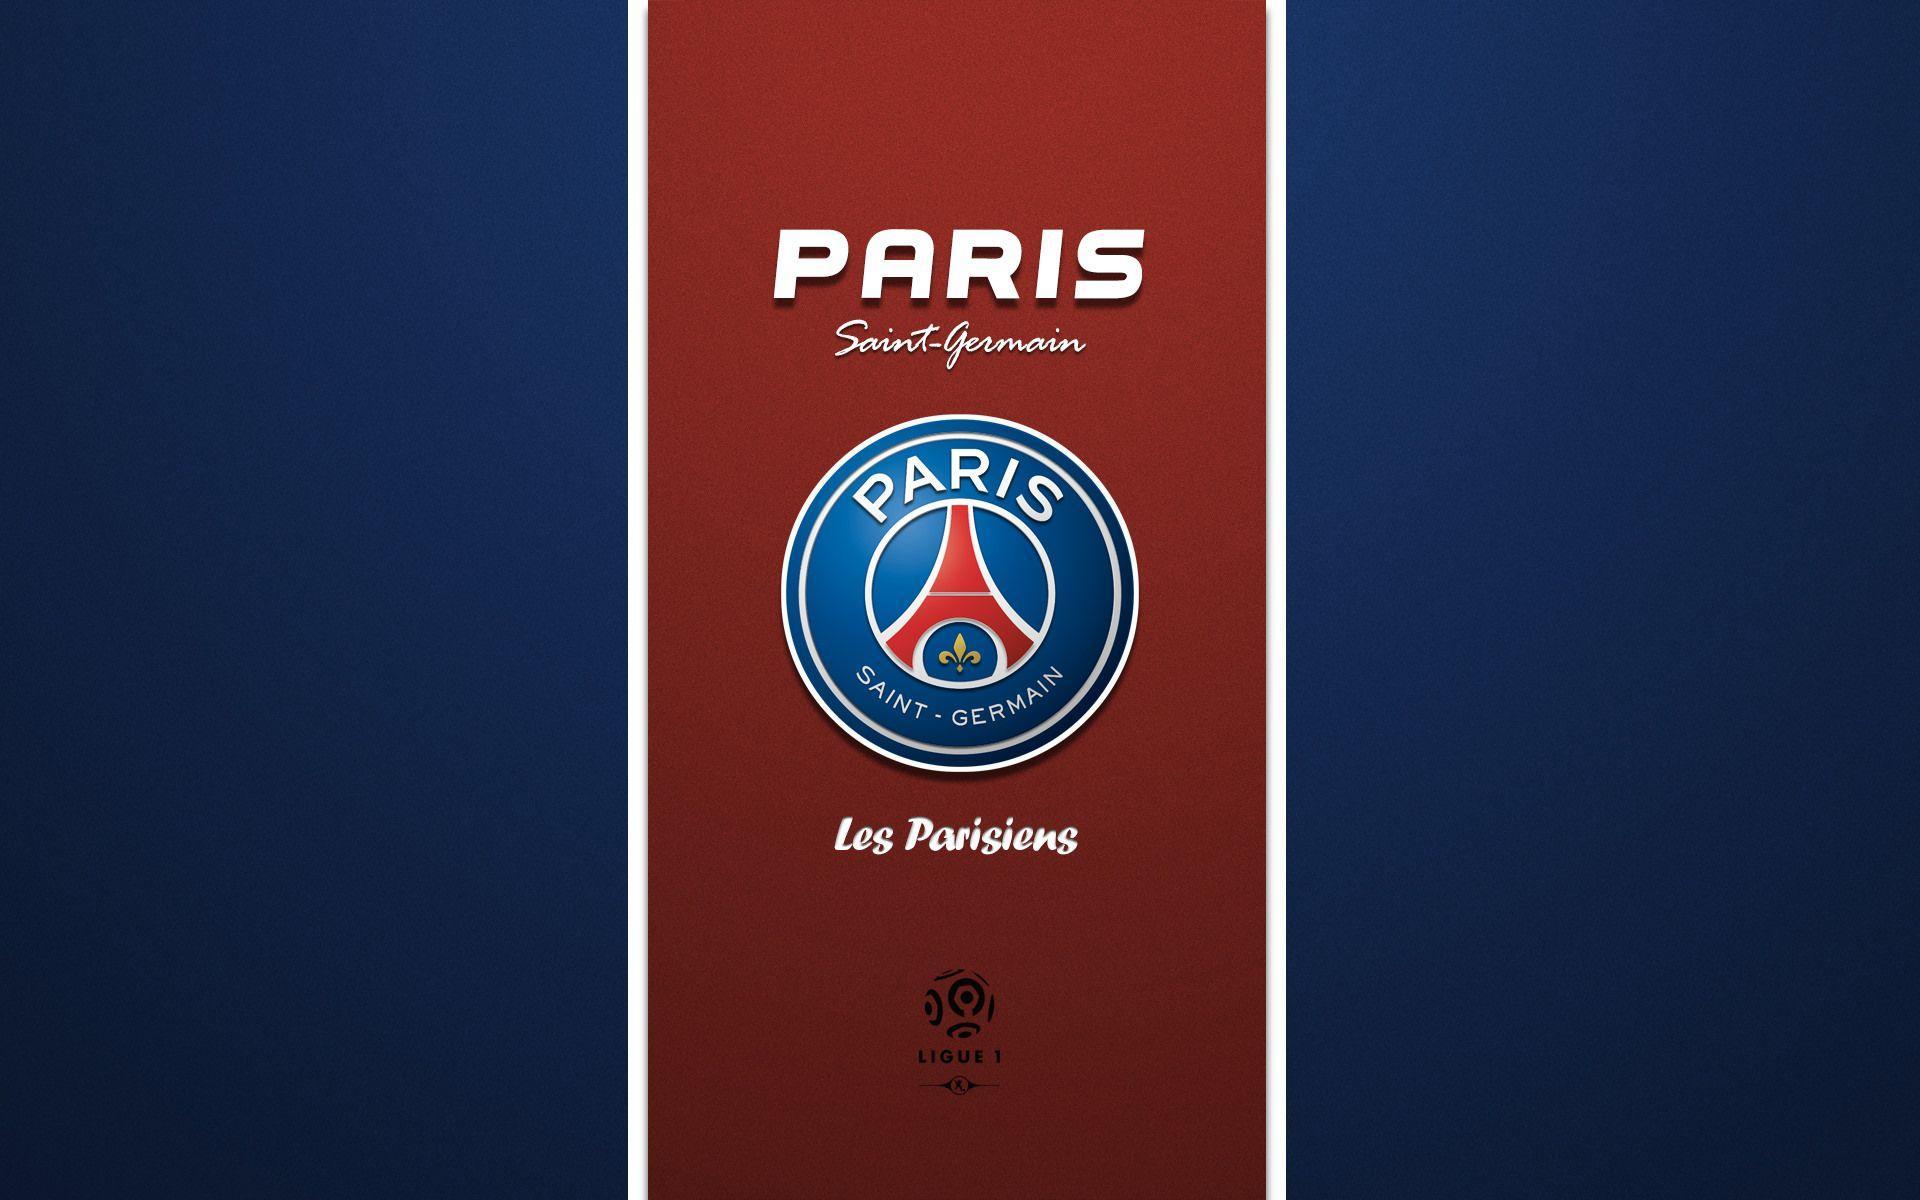 Paris Saint Germain Wallpapers Top Free Paris Saint Germain